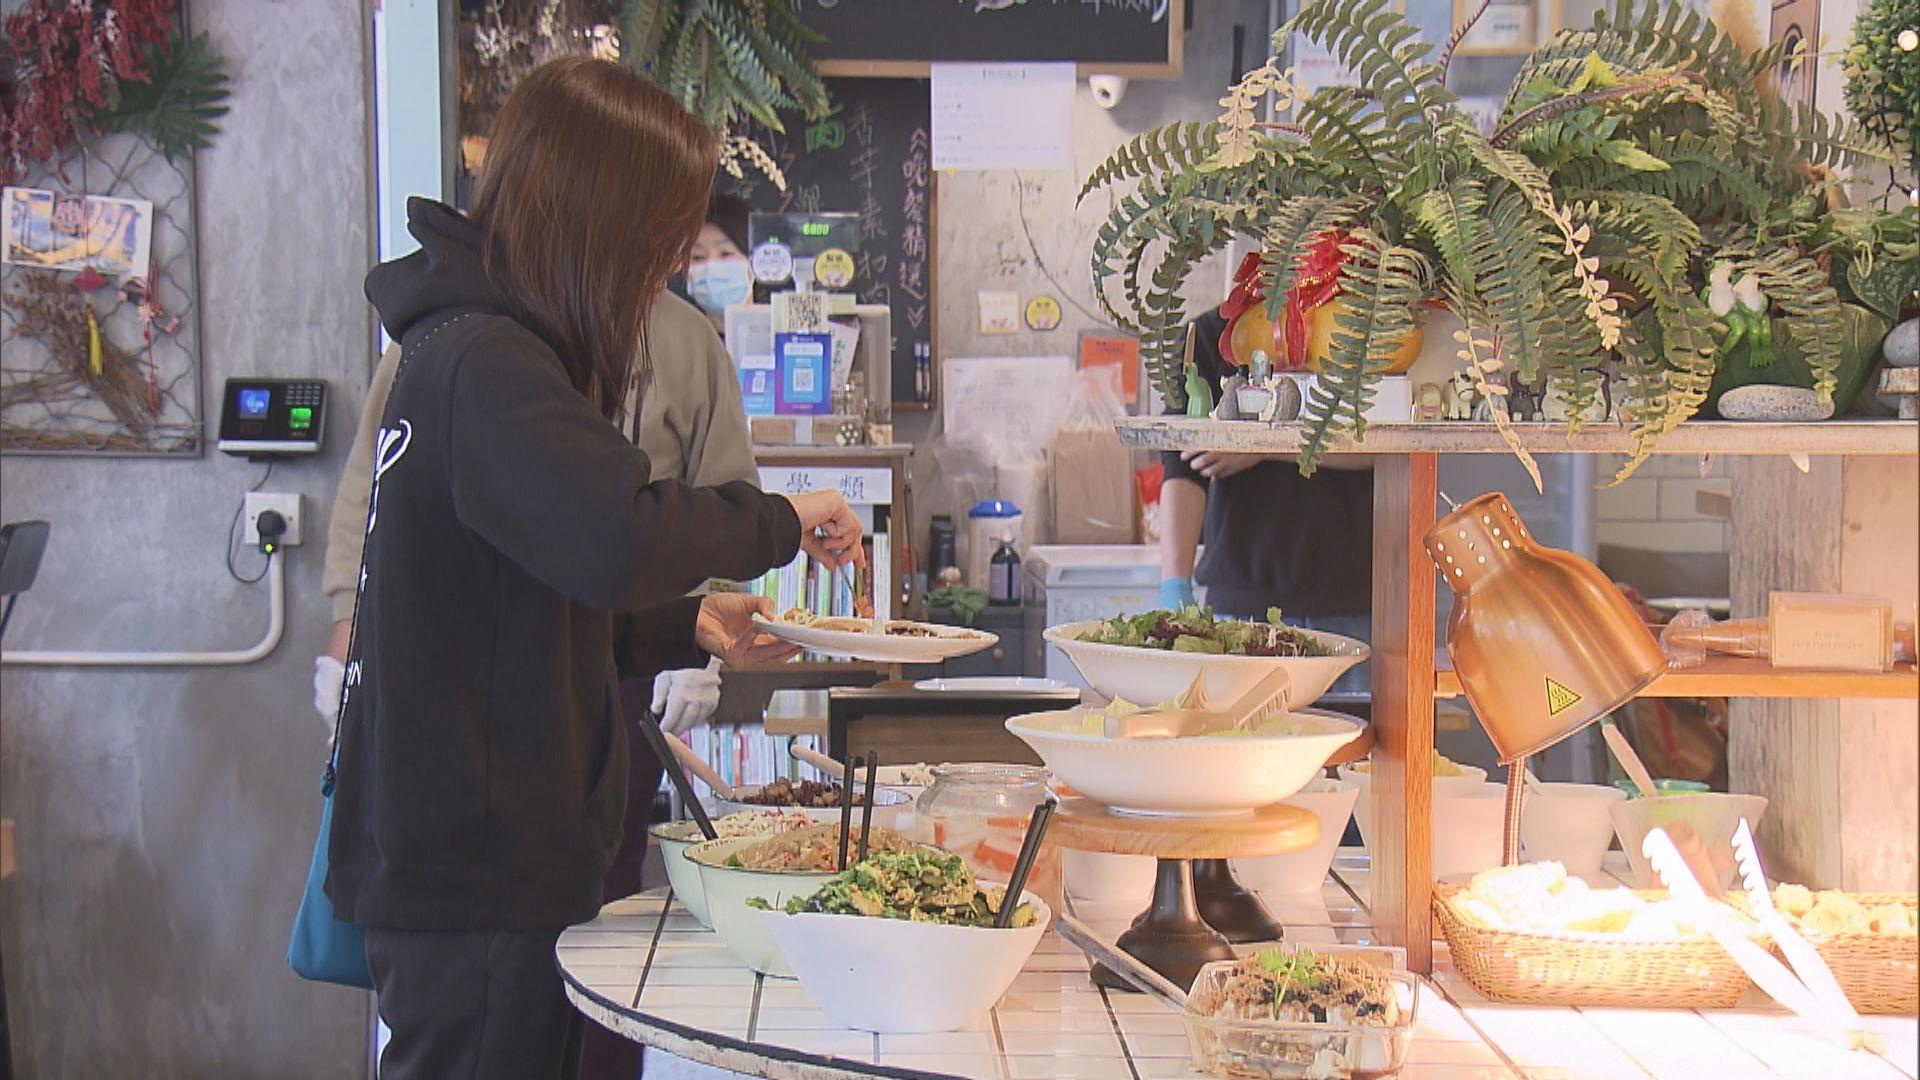 【疫情影響】素食自助餐廳轉型自救